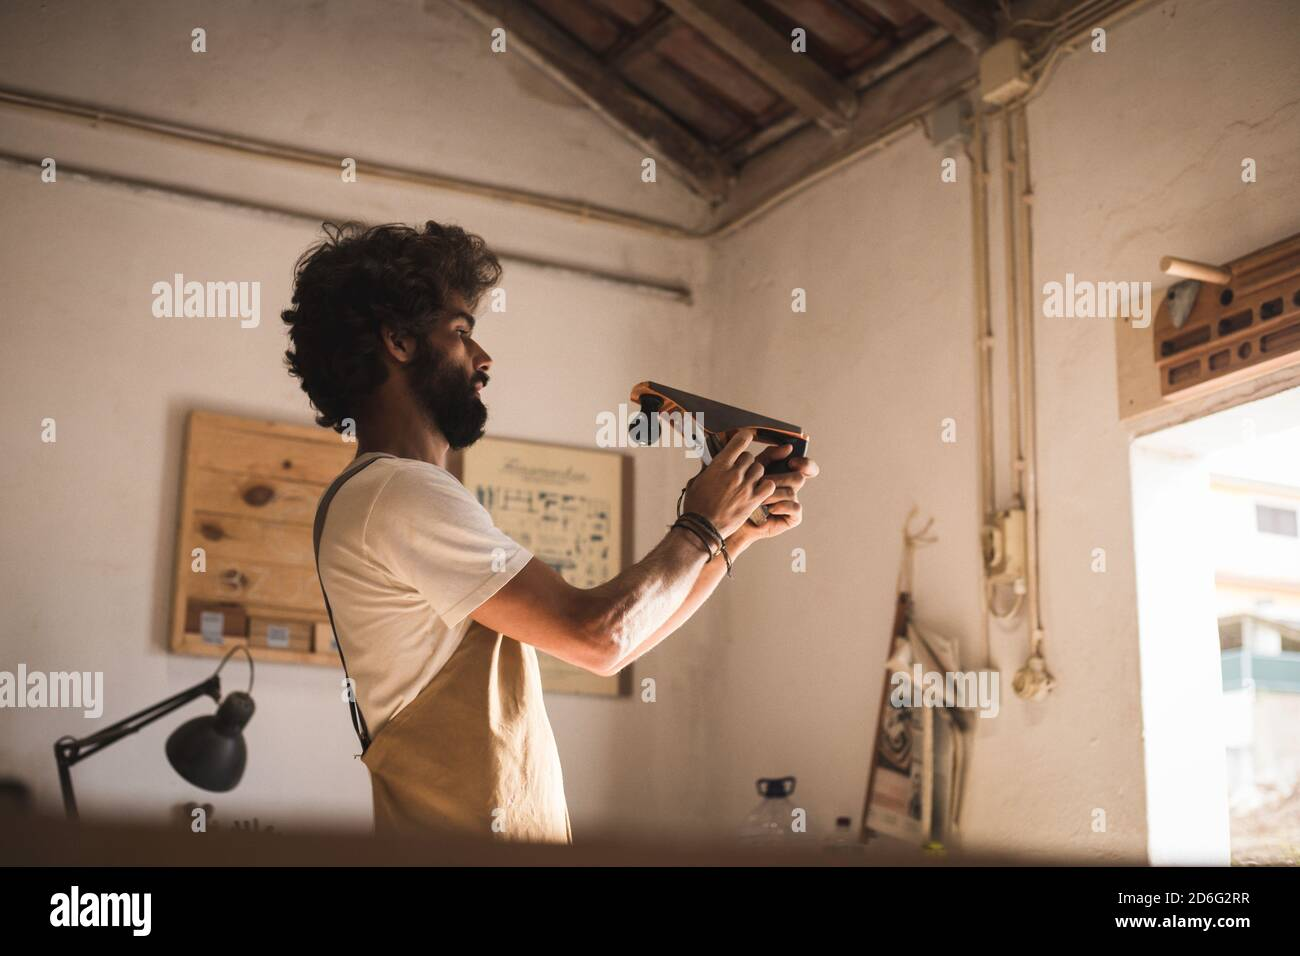 Homme hispanique travaillant comme menuisier dans un petit laboratoire de bois. L'homme barbu s'est concentré sur la mise en forme d'un nouveau morceau de bois pour un mobilier de maison dans sa ca Banque D'Images